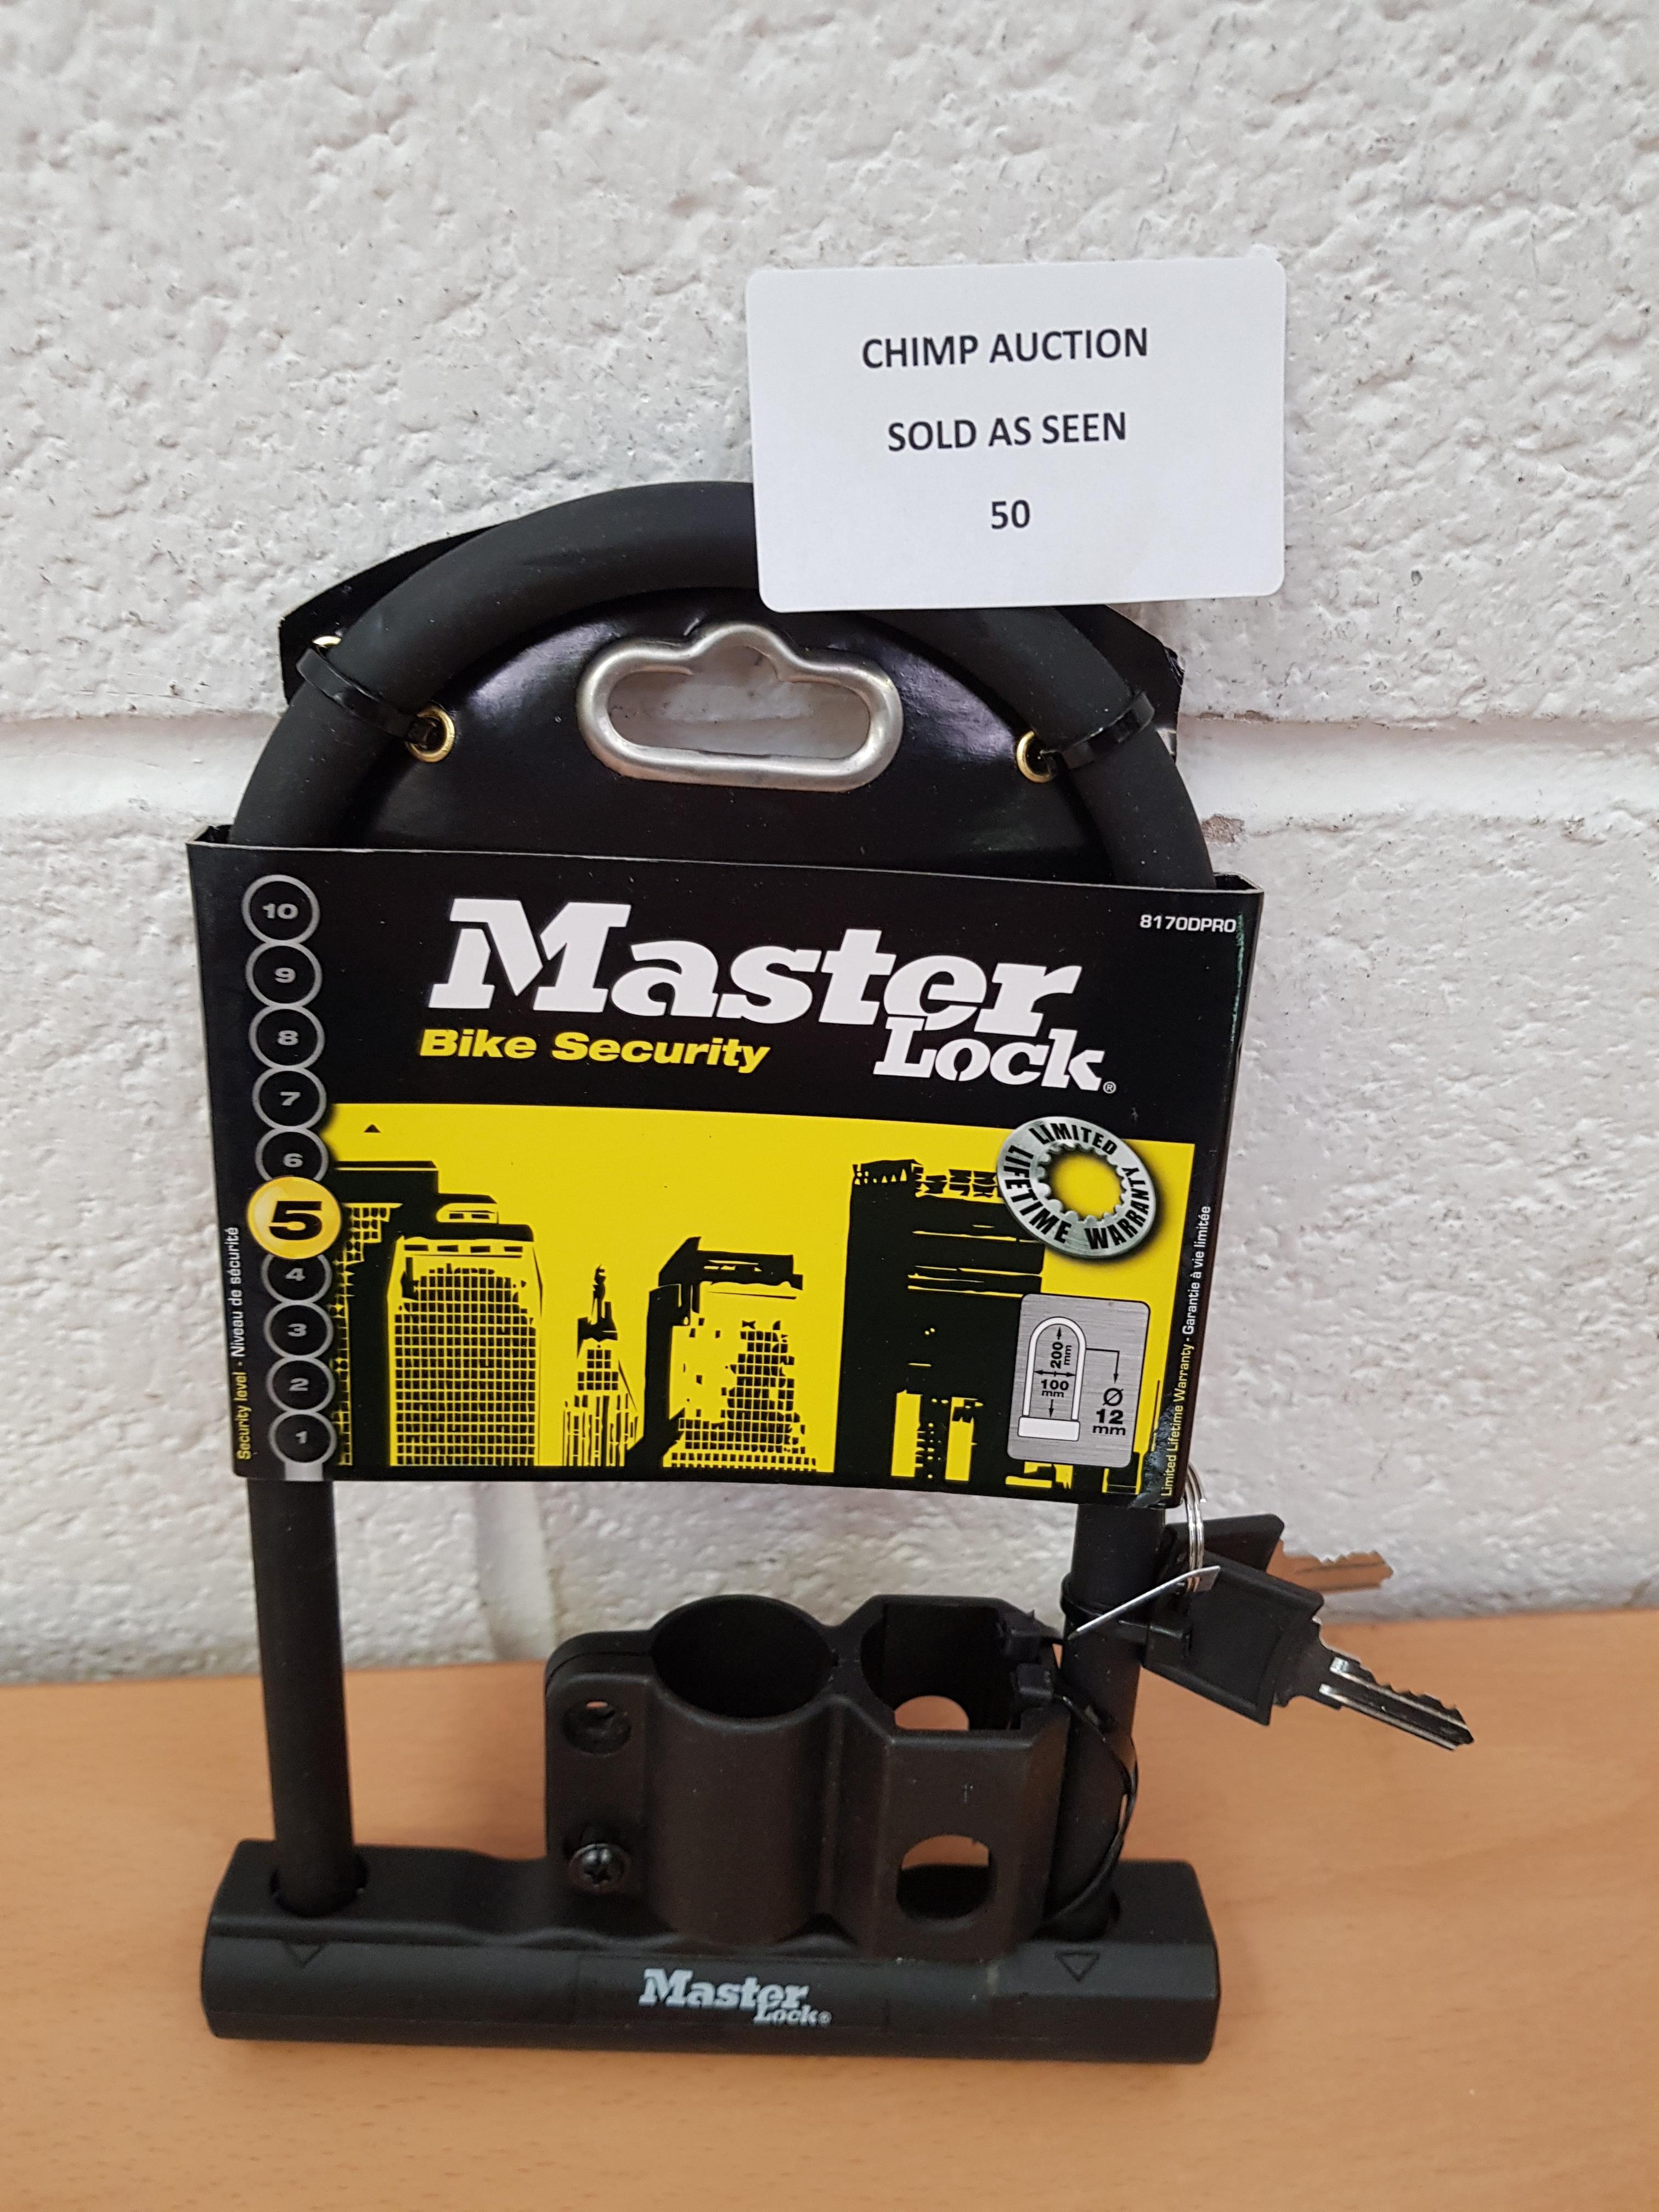 Lot 50 - Masterlock 12mm D-Lock 200mm X 100mm + Carrier Bracket